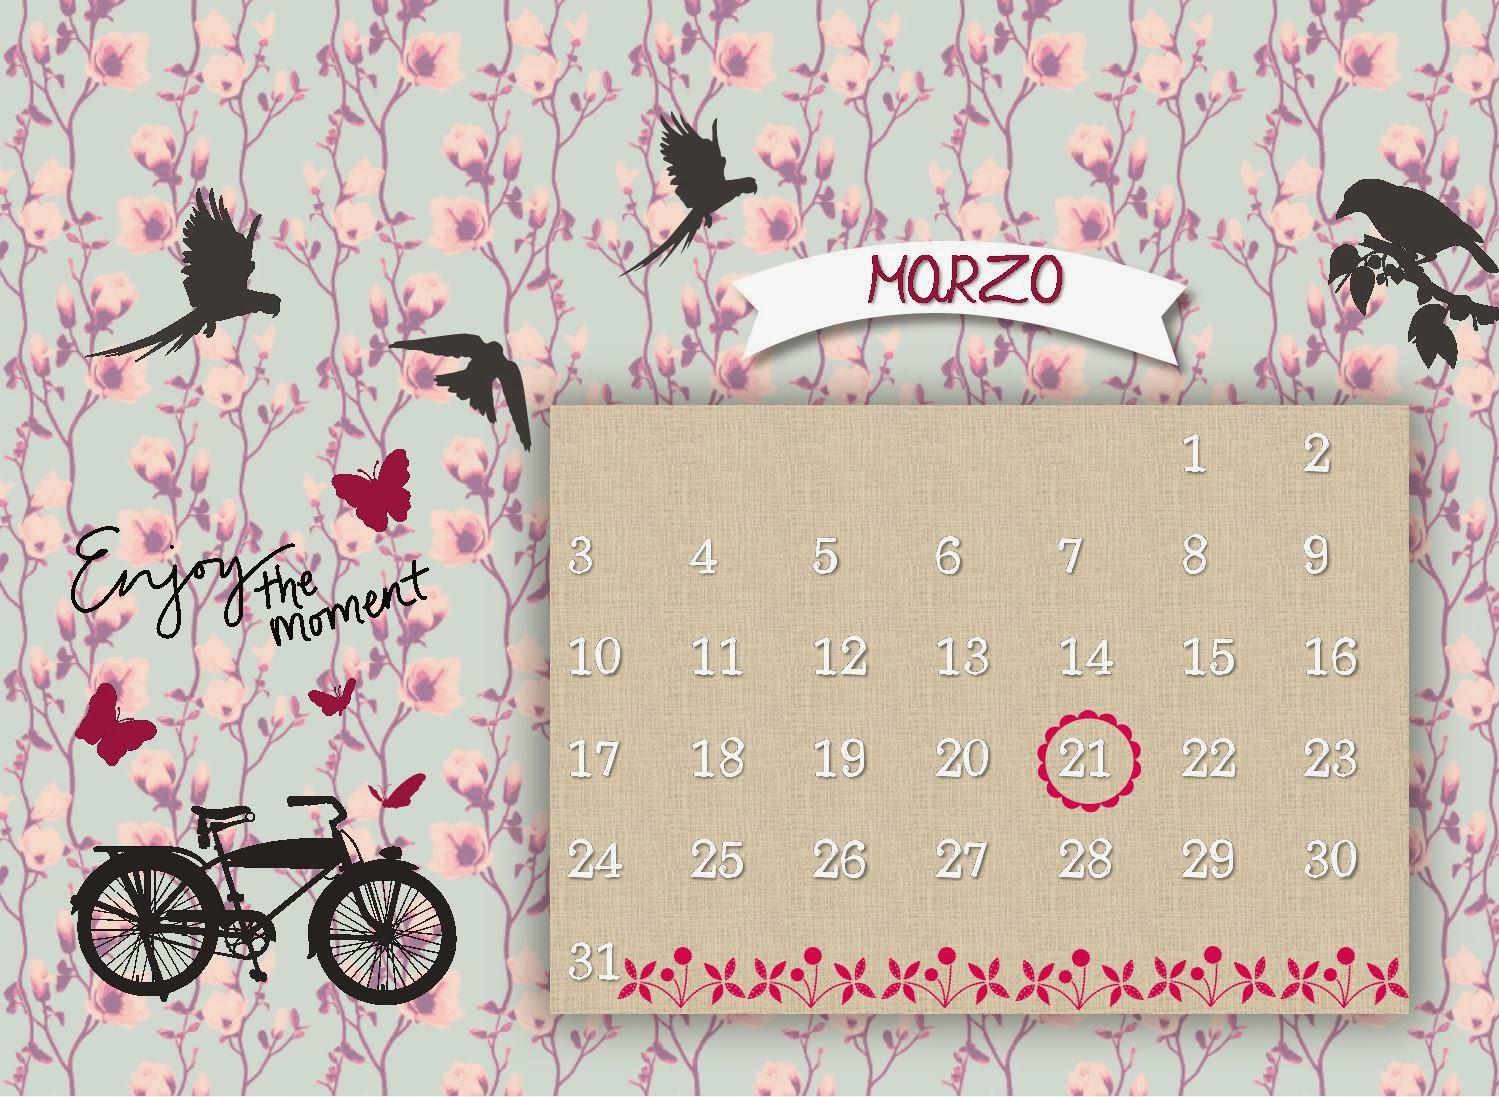 calendario Marzo ocho